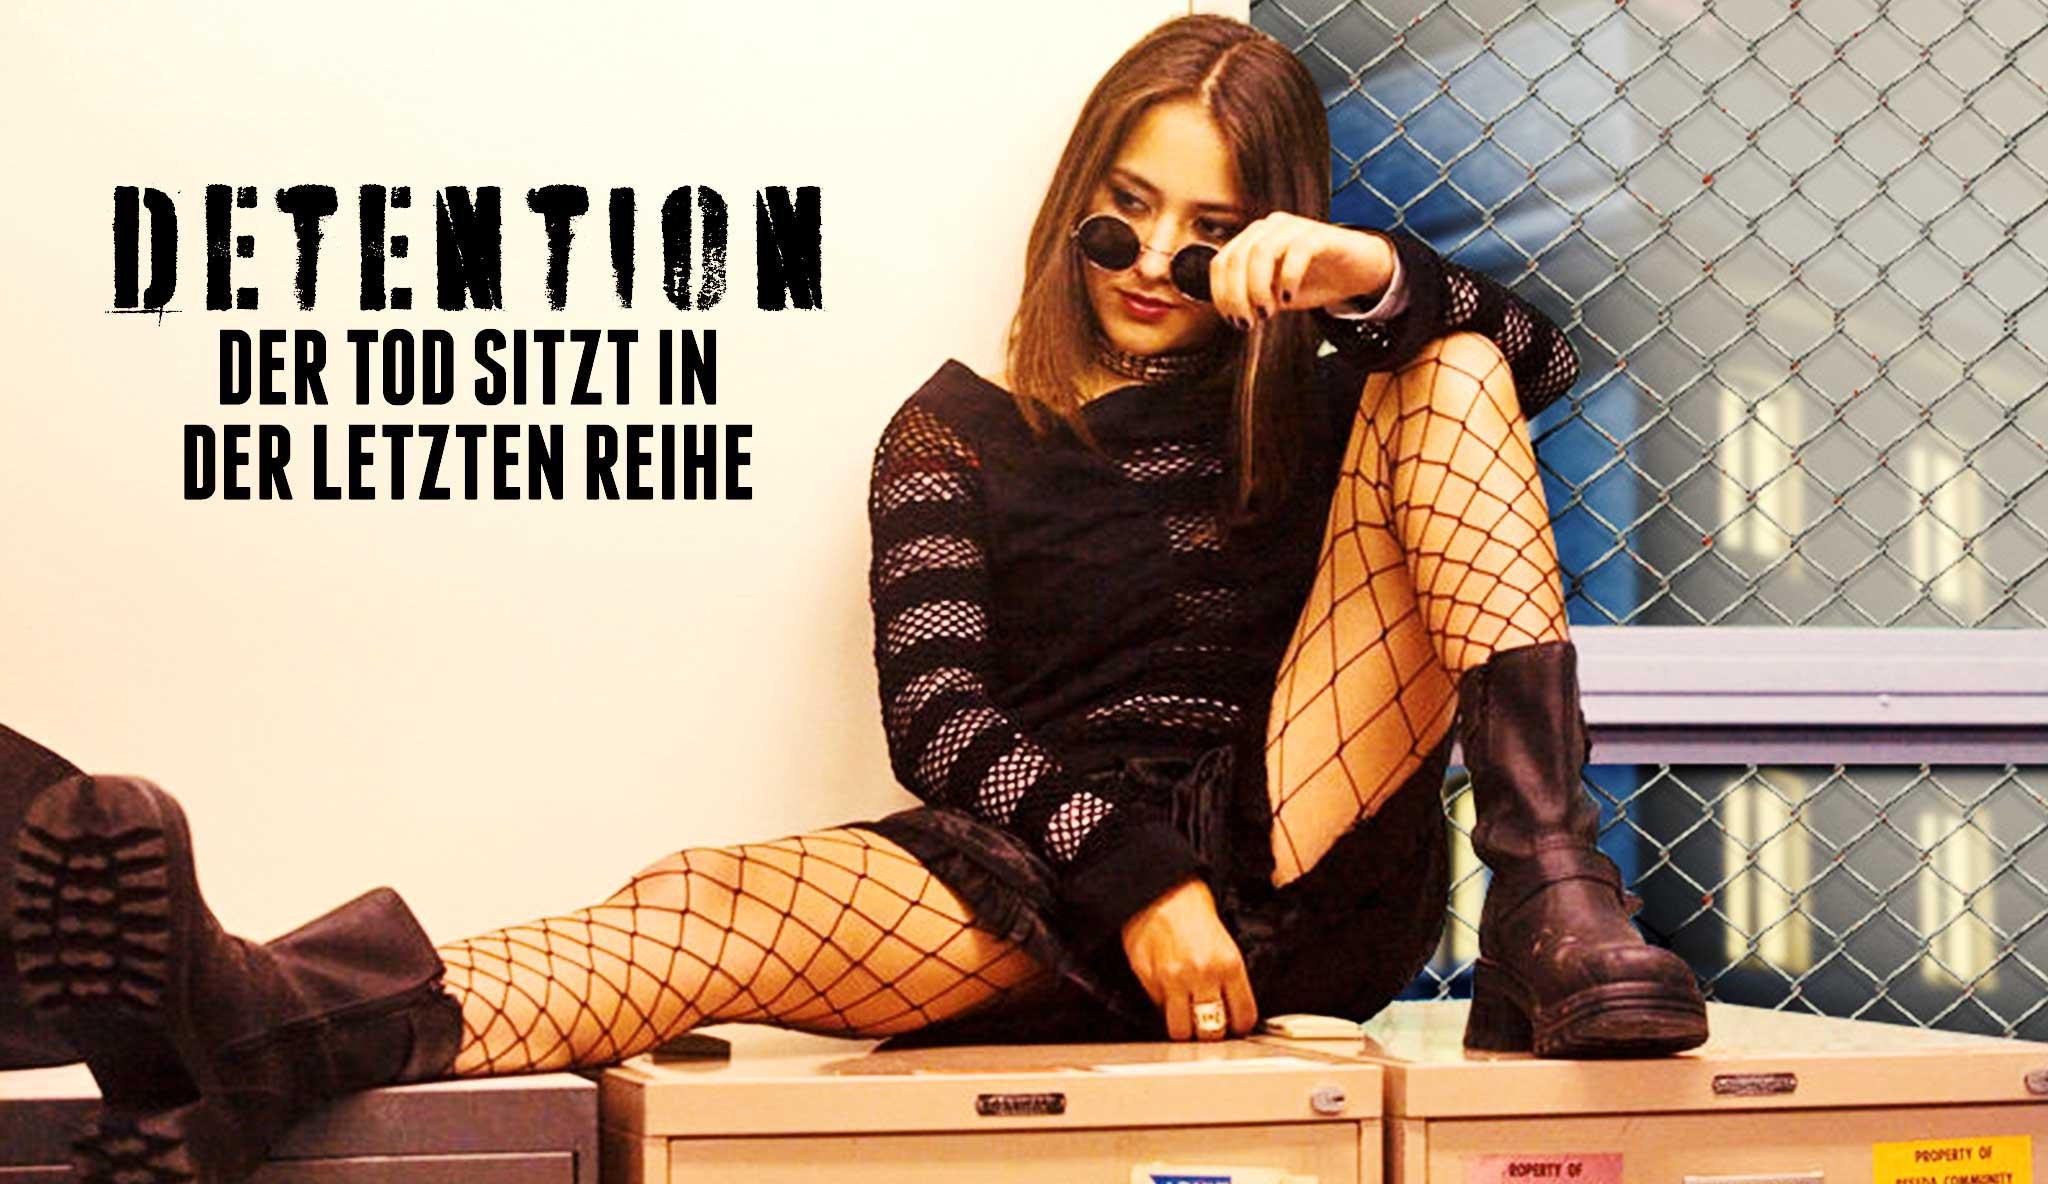 detention-der-tod-sitzt-in-der-letzten-reihe-2\header.jpg